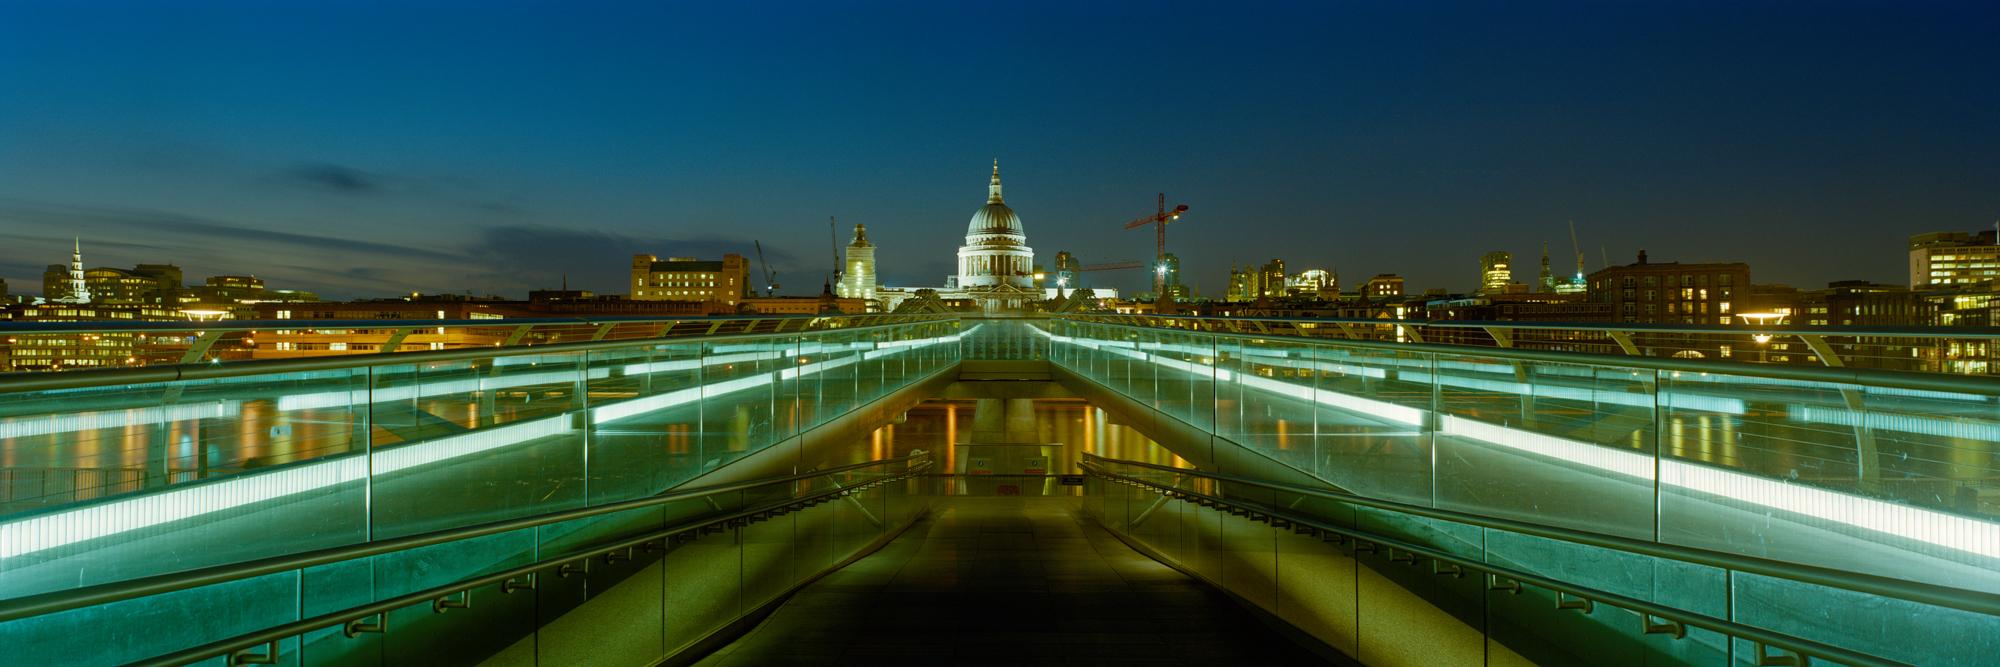 Die Millennium Bridge in London wurde im Jahr 2000 eröffnet und kurz darauf vom Künstler Markus Bollen mit seiner Panoramakamera fotografiert.